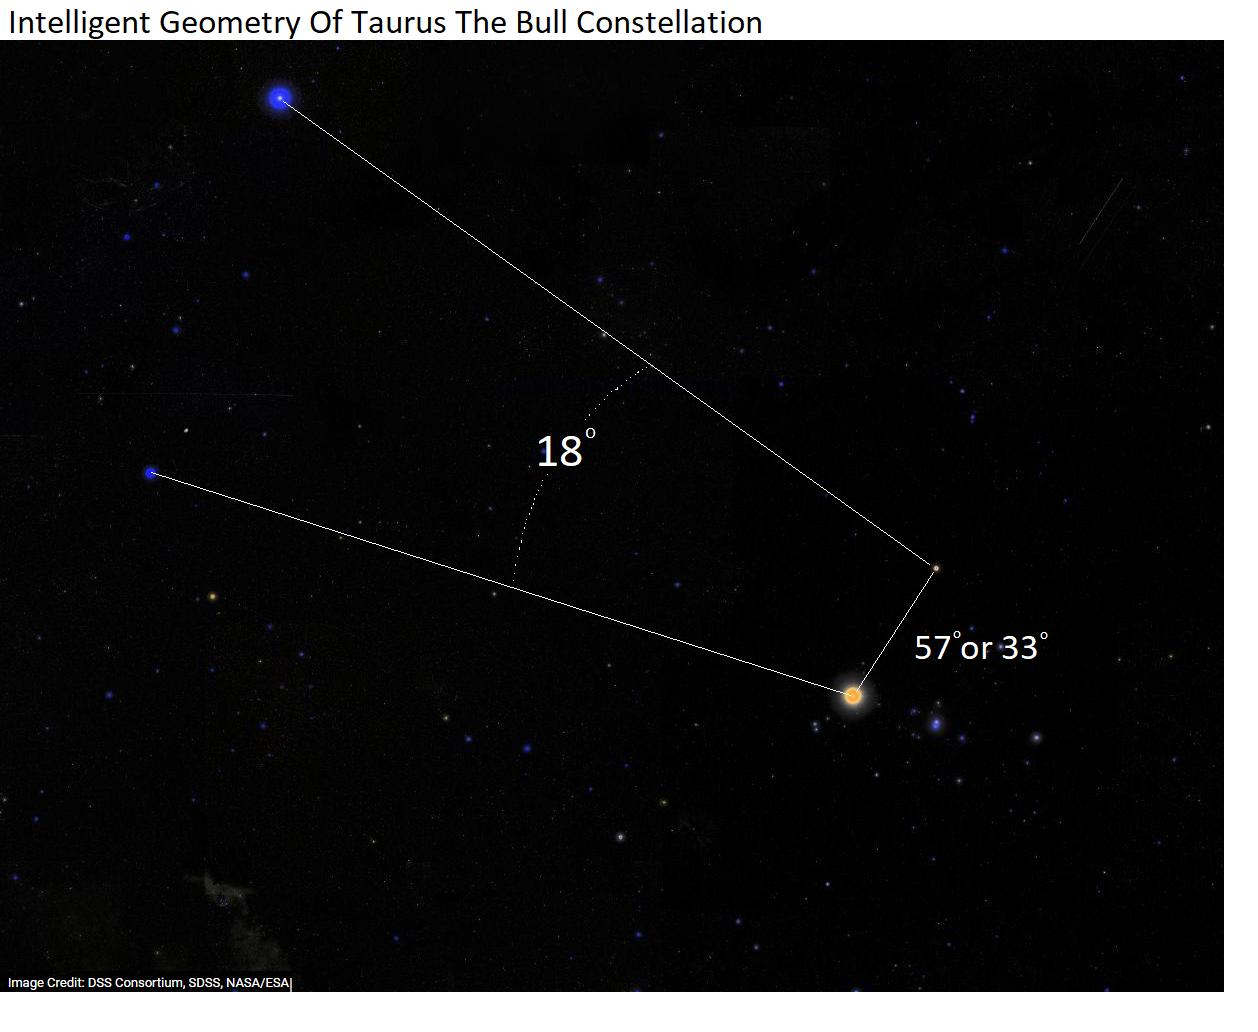 Taurus The Bull Constellation Geometry